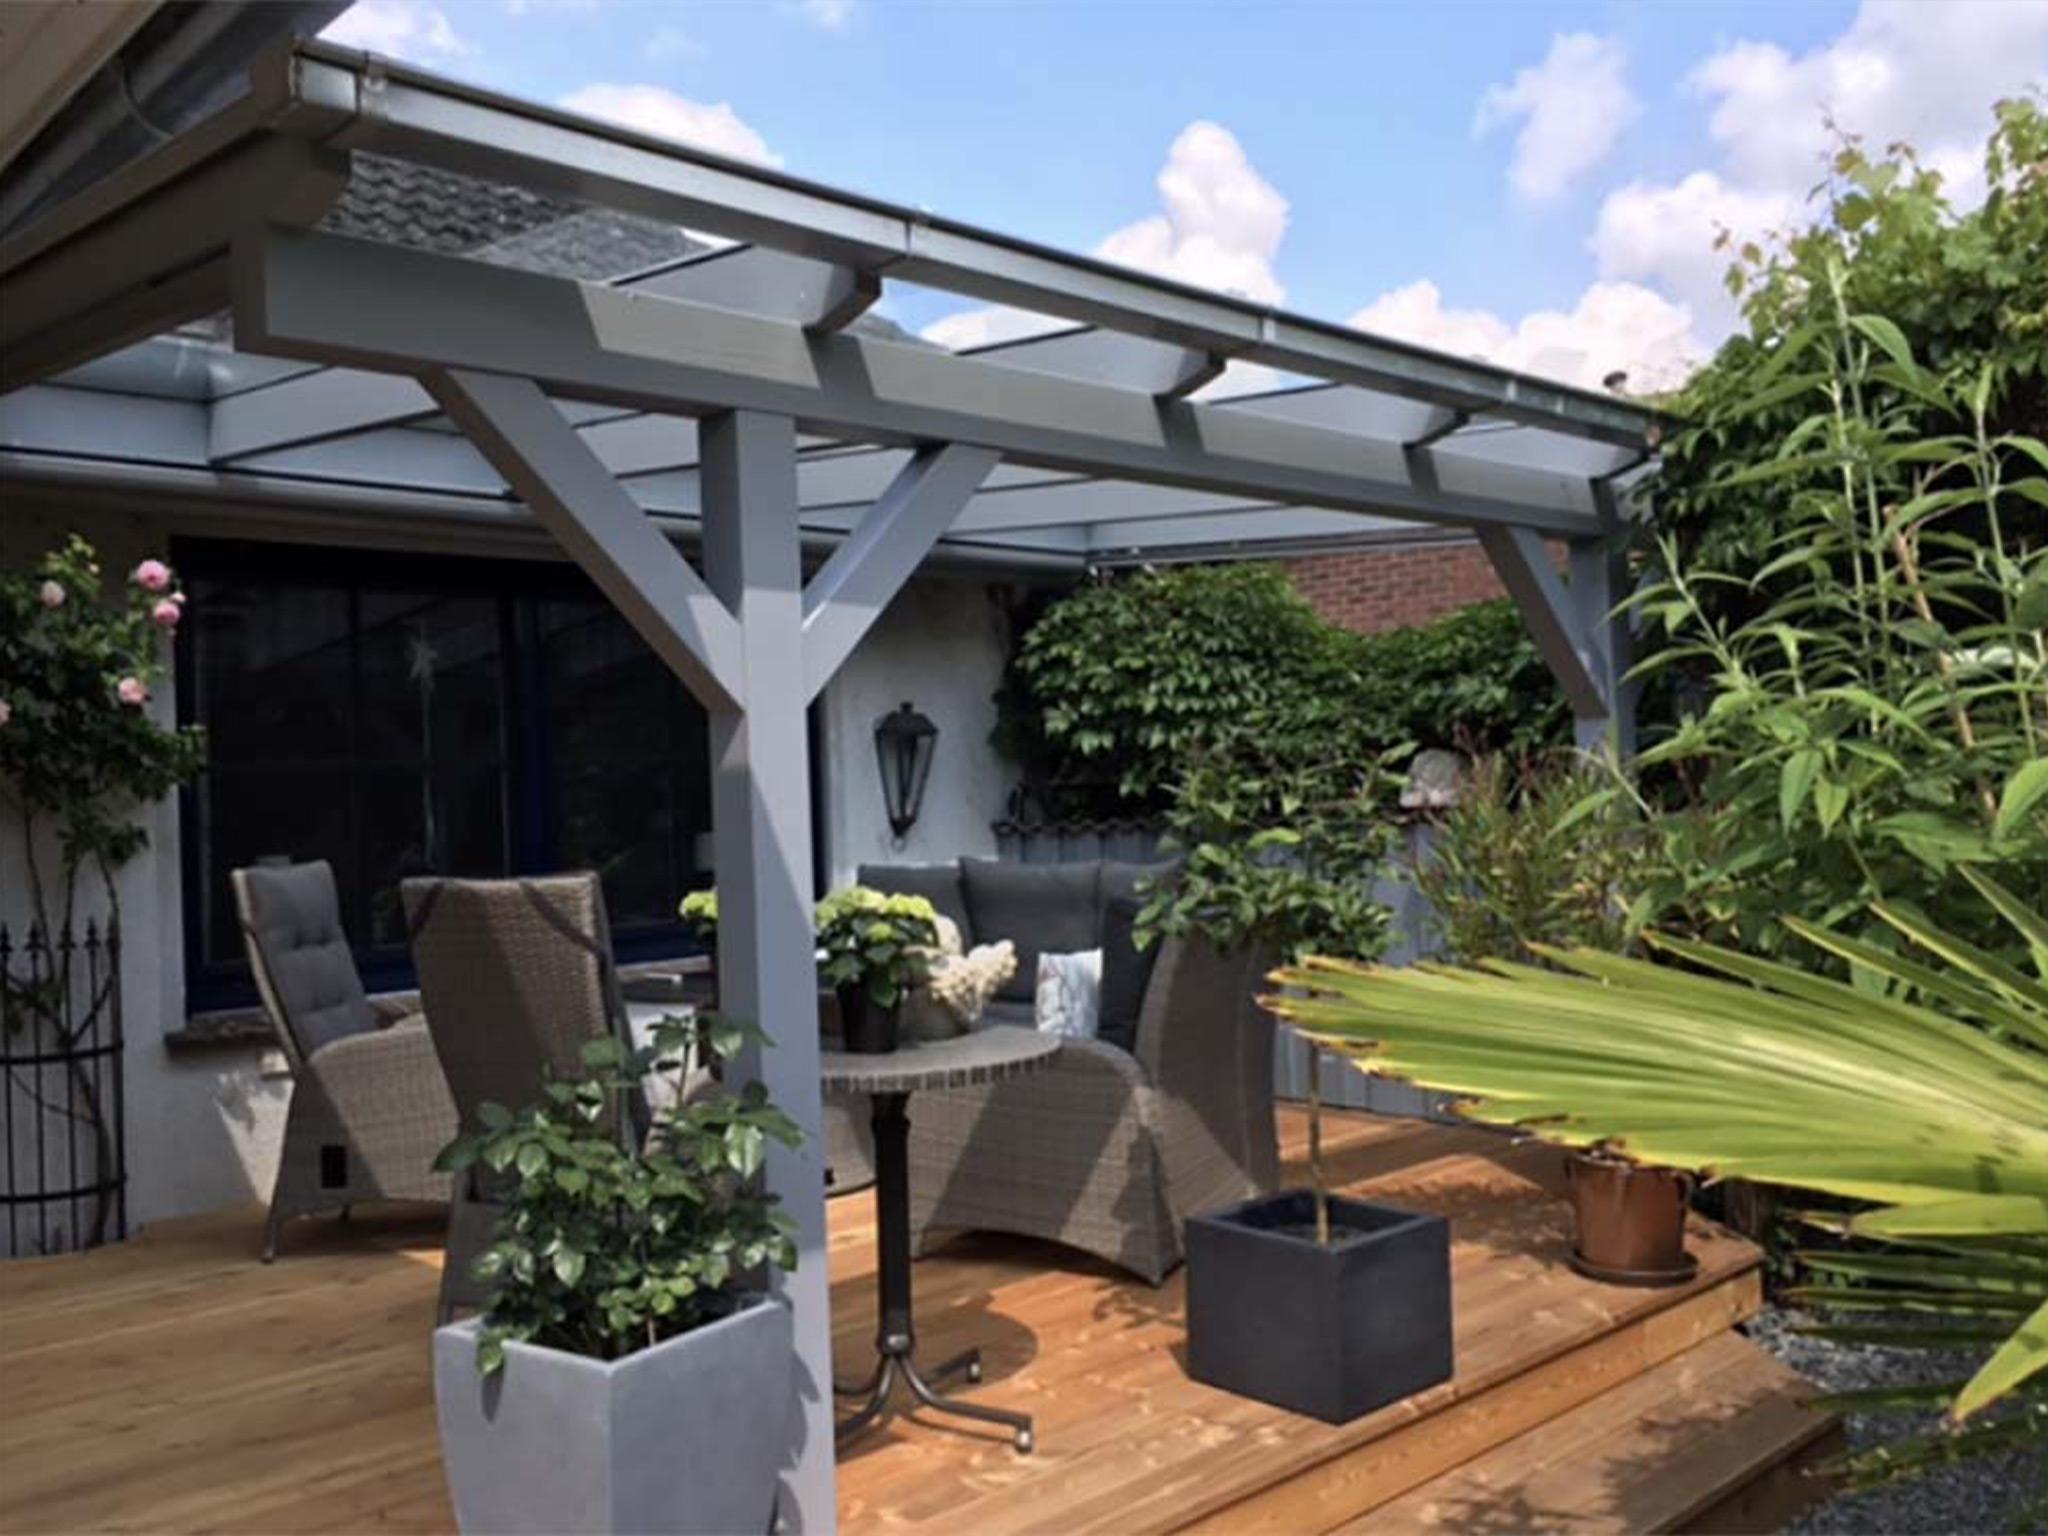 Terrassenüberdachung Holz anthrazit und VSG